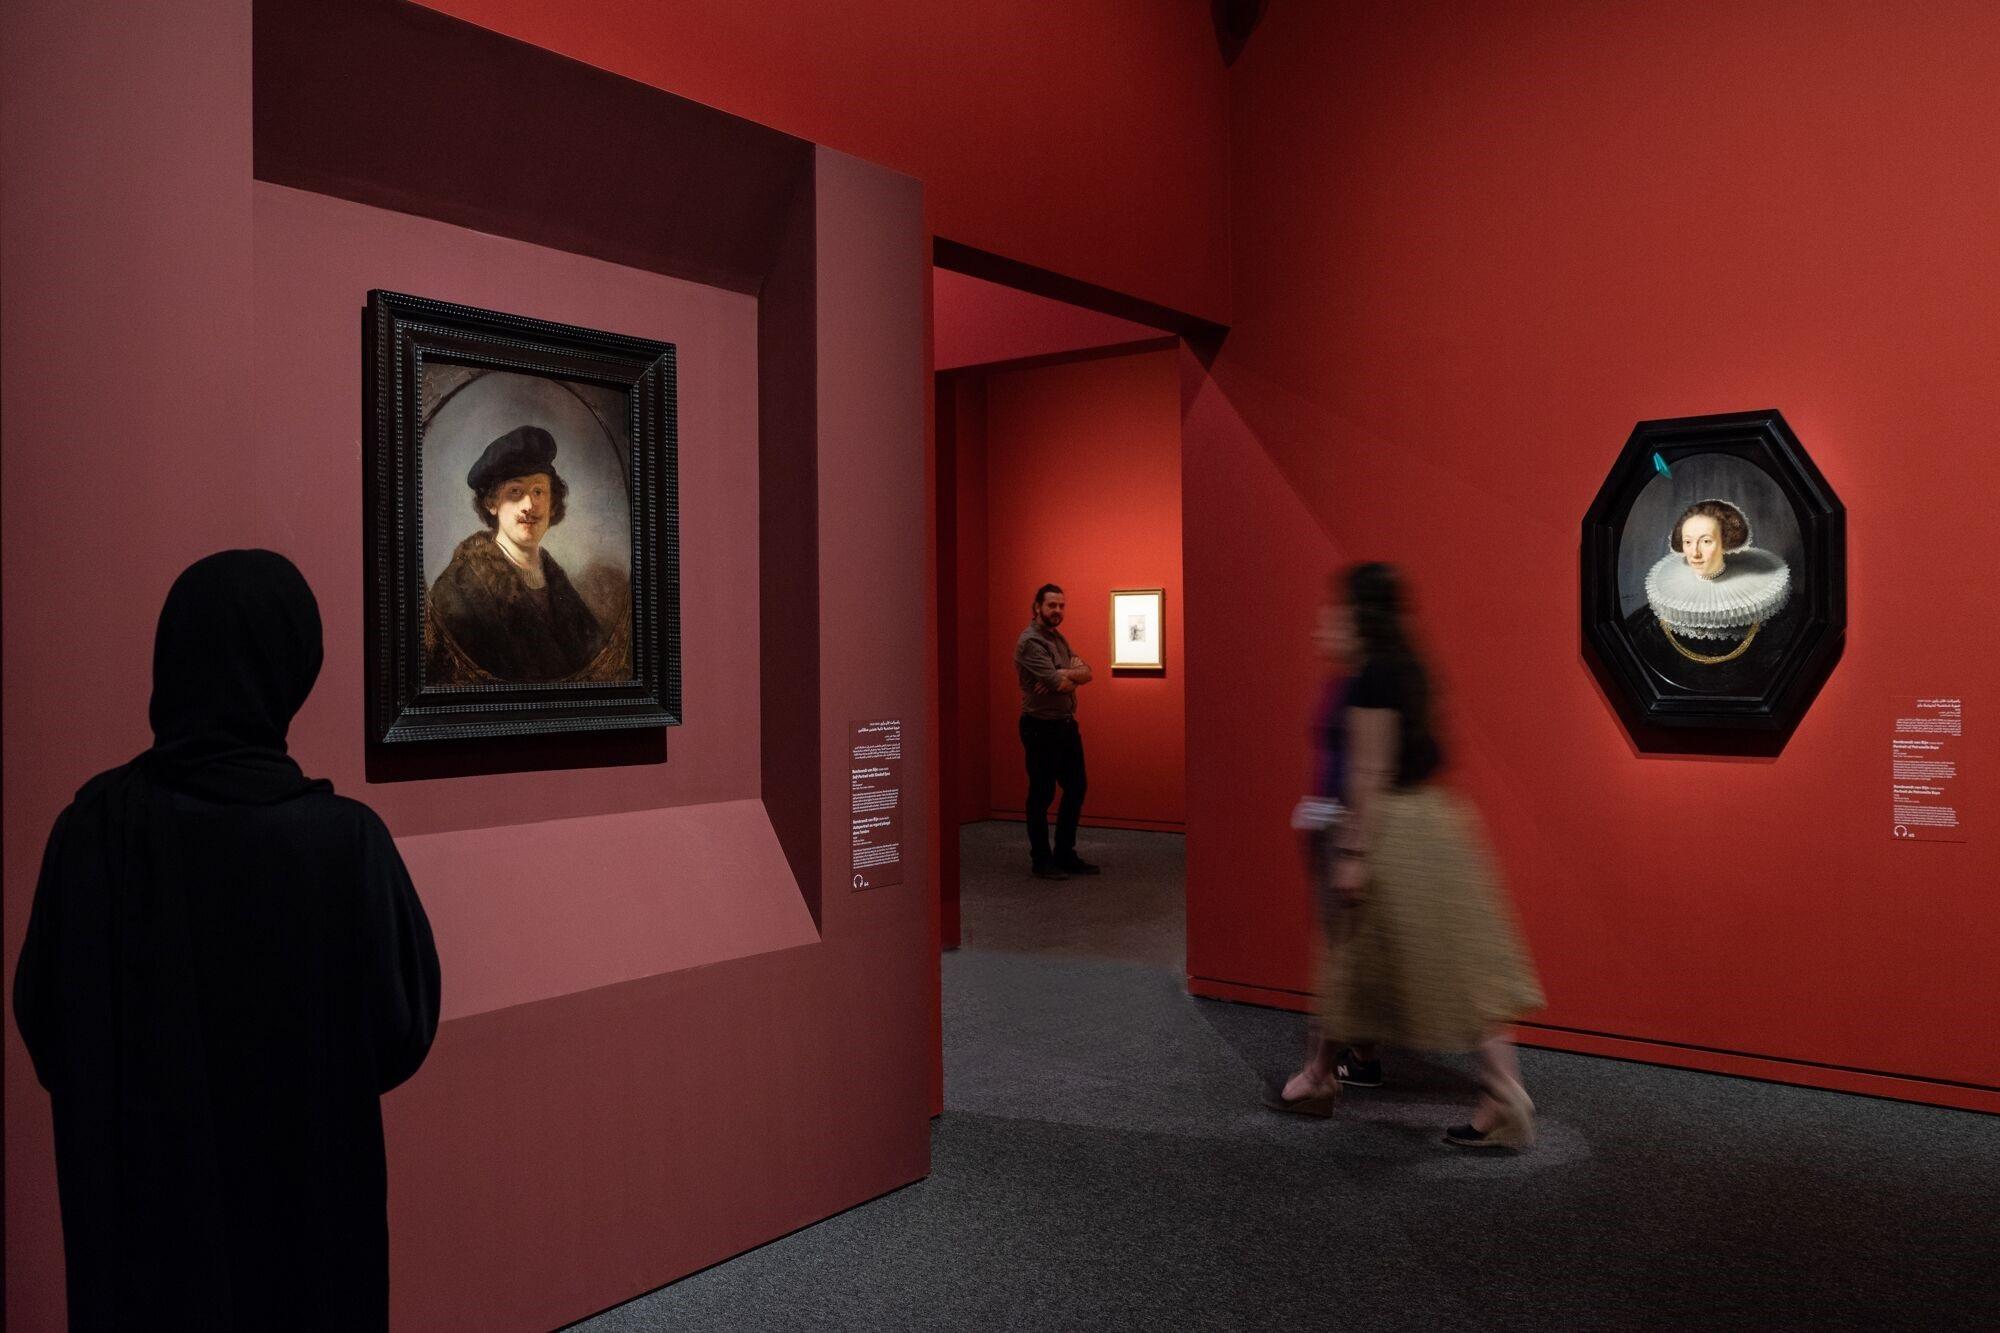 أحدث الفعاليات و الانشطة في متحف اللوفر أبوظبي خلال شهر أبريل